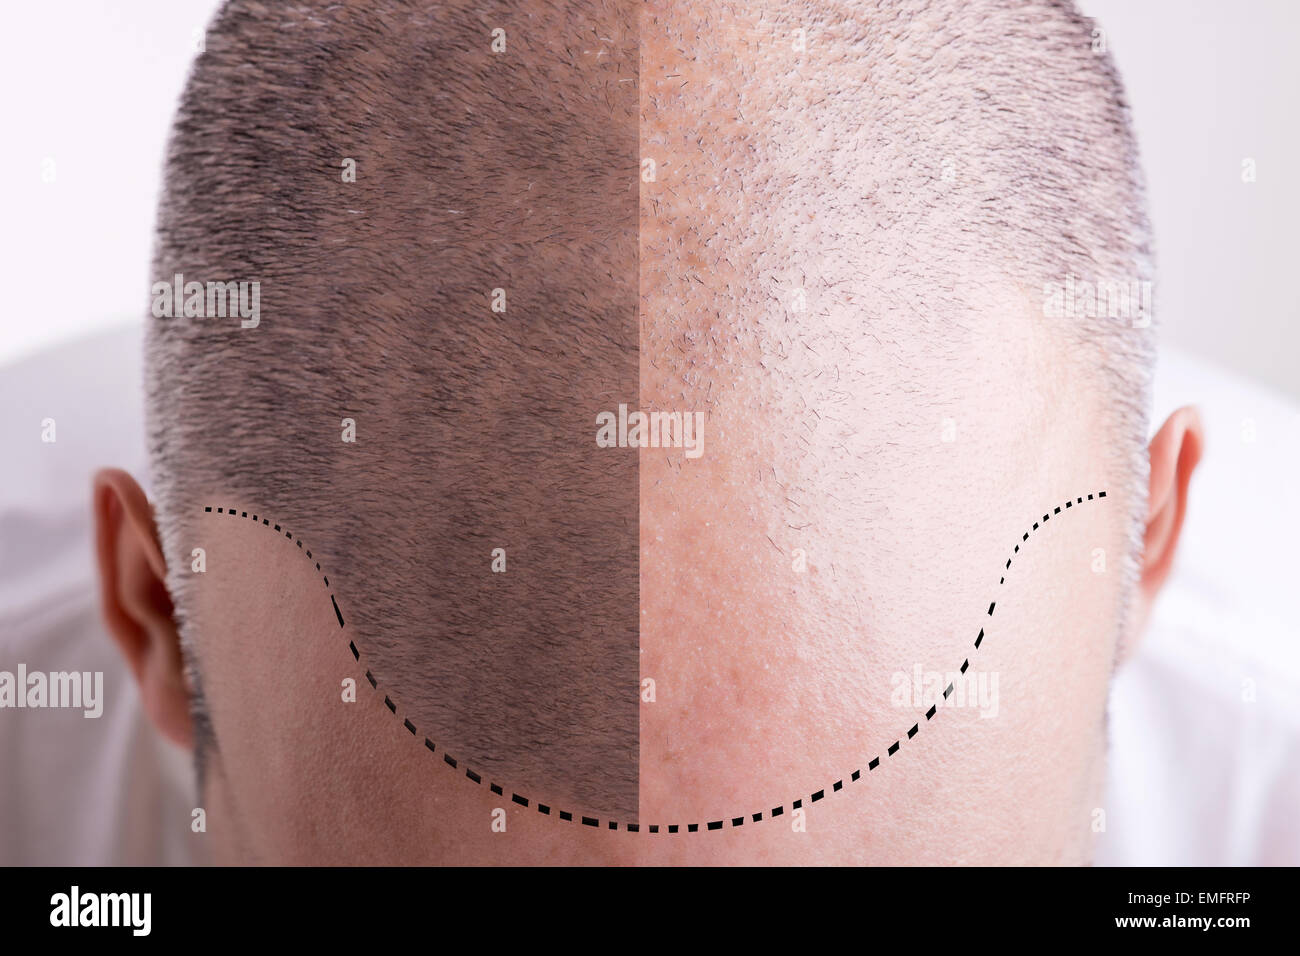 Vista dall'alto di uno degli uomini del capo con una sfuggente Linea capelli - Prima e Dopo Immagini Stock